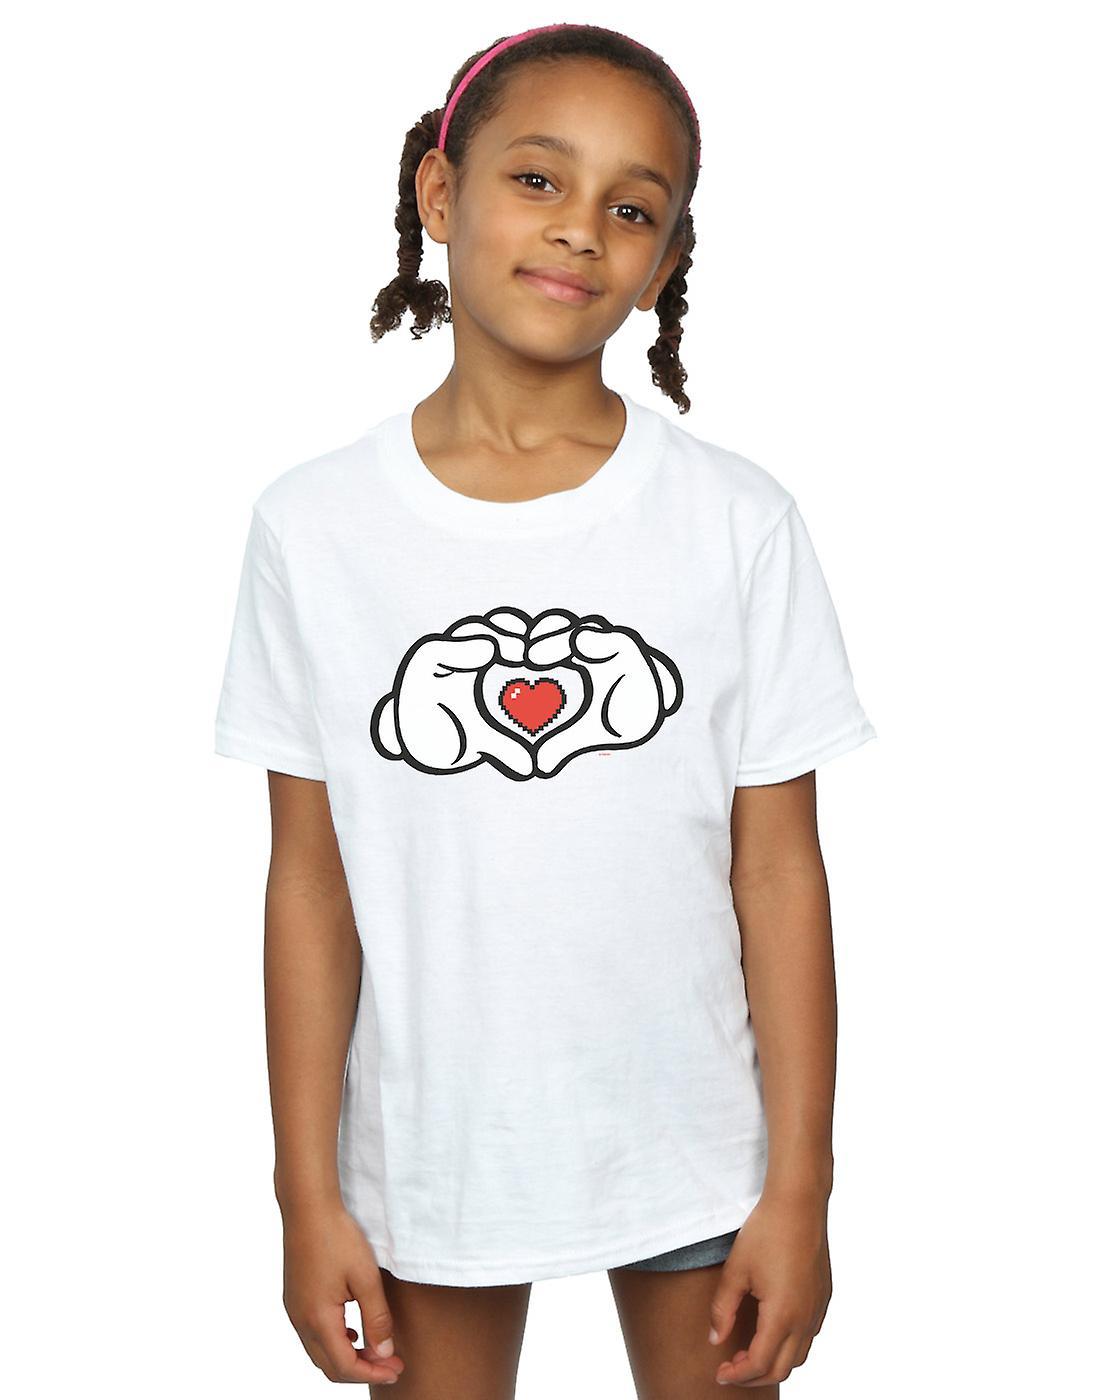 Disney Girls Mickey Mouse Heart Hands T-Shirt